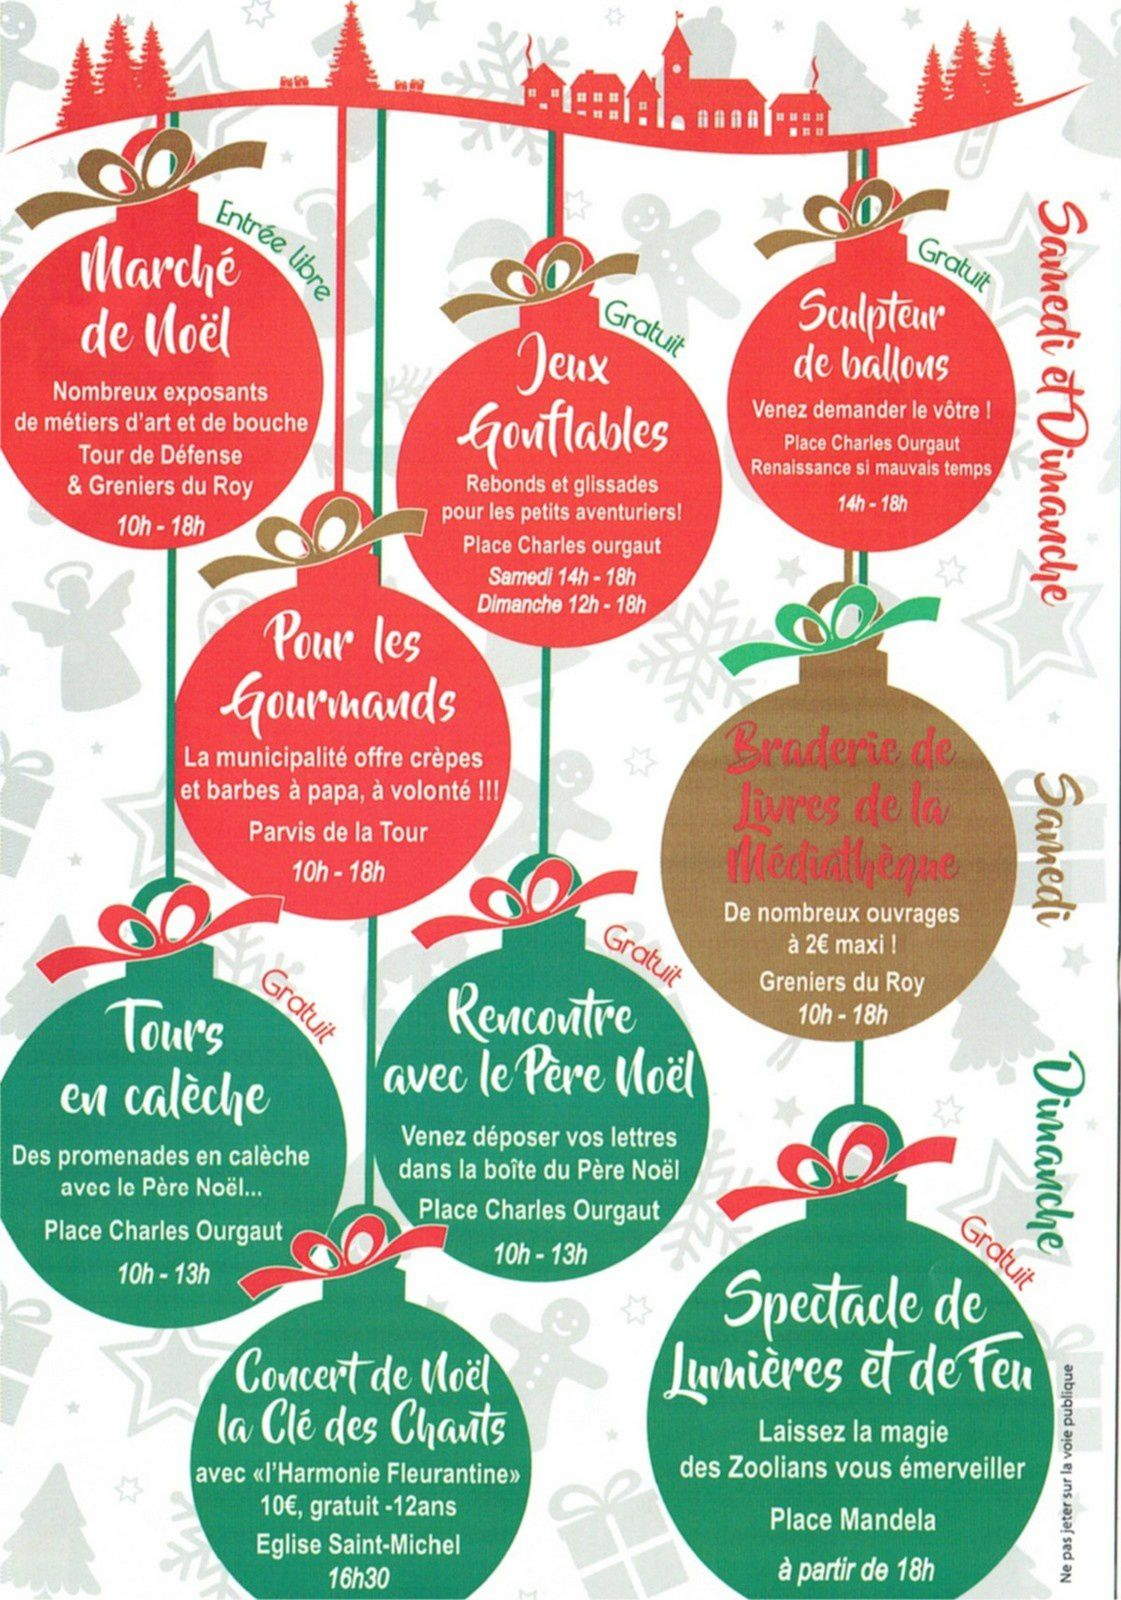 Festivités de Noël à Villemur